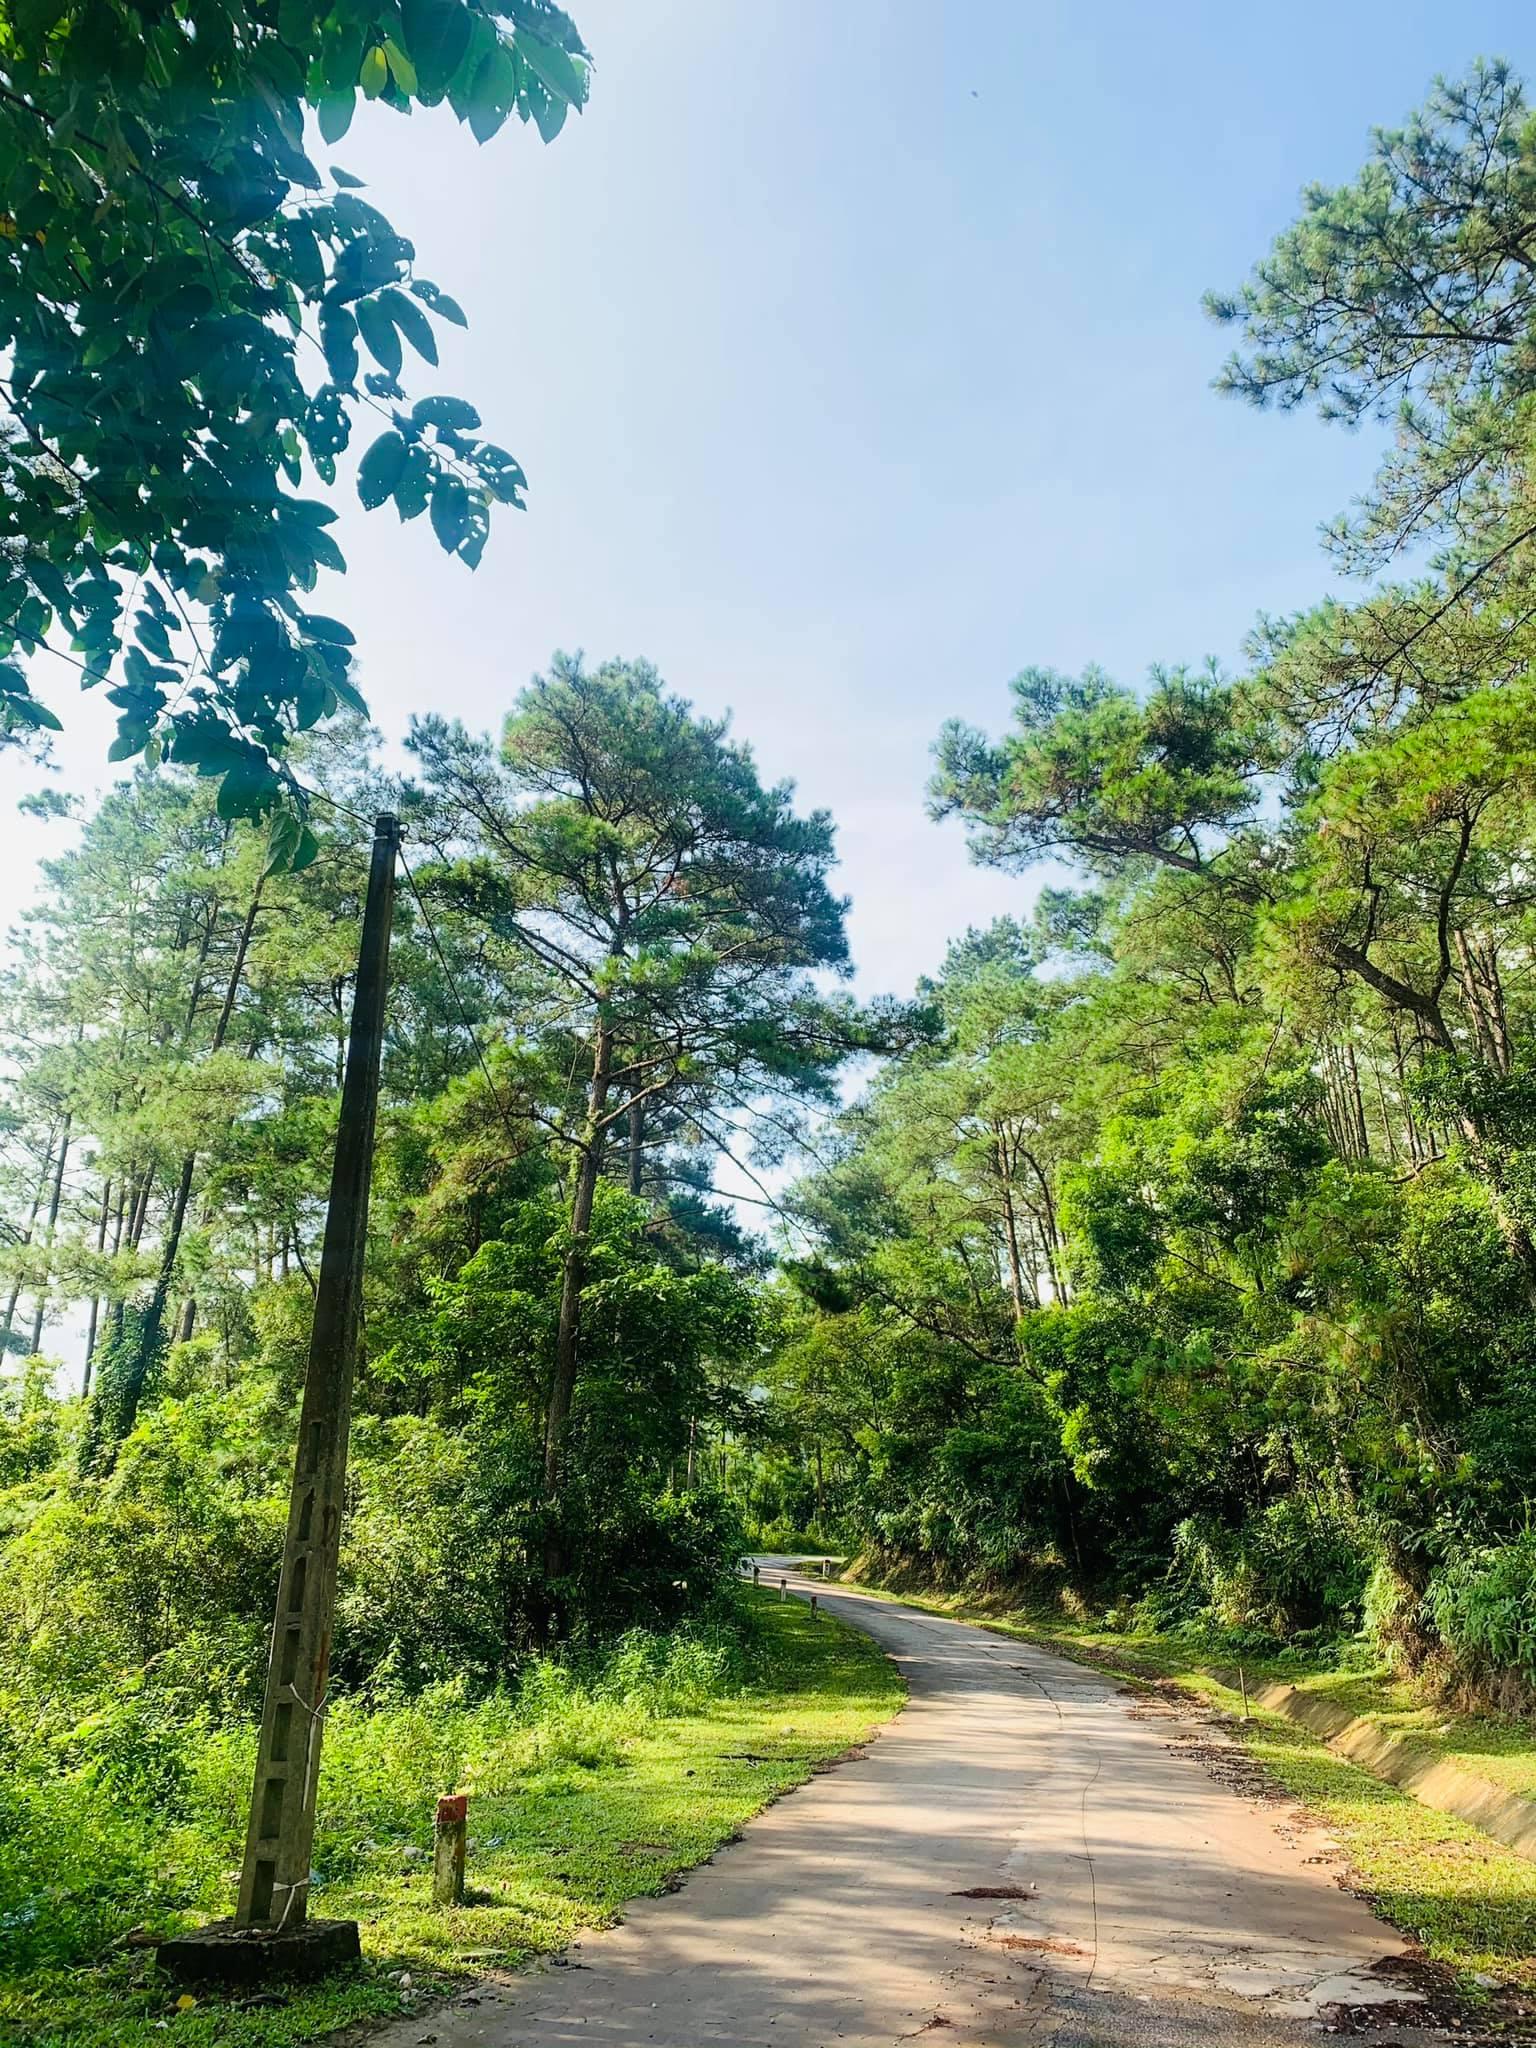 Du lịch Kỳ Thượng Hoành Bồ Quảng Ninh